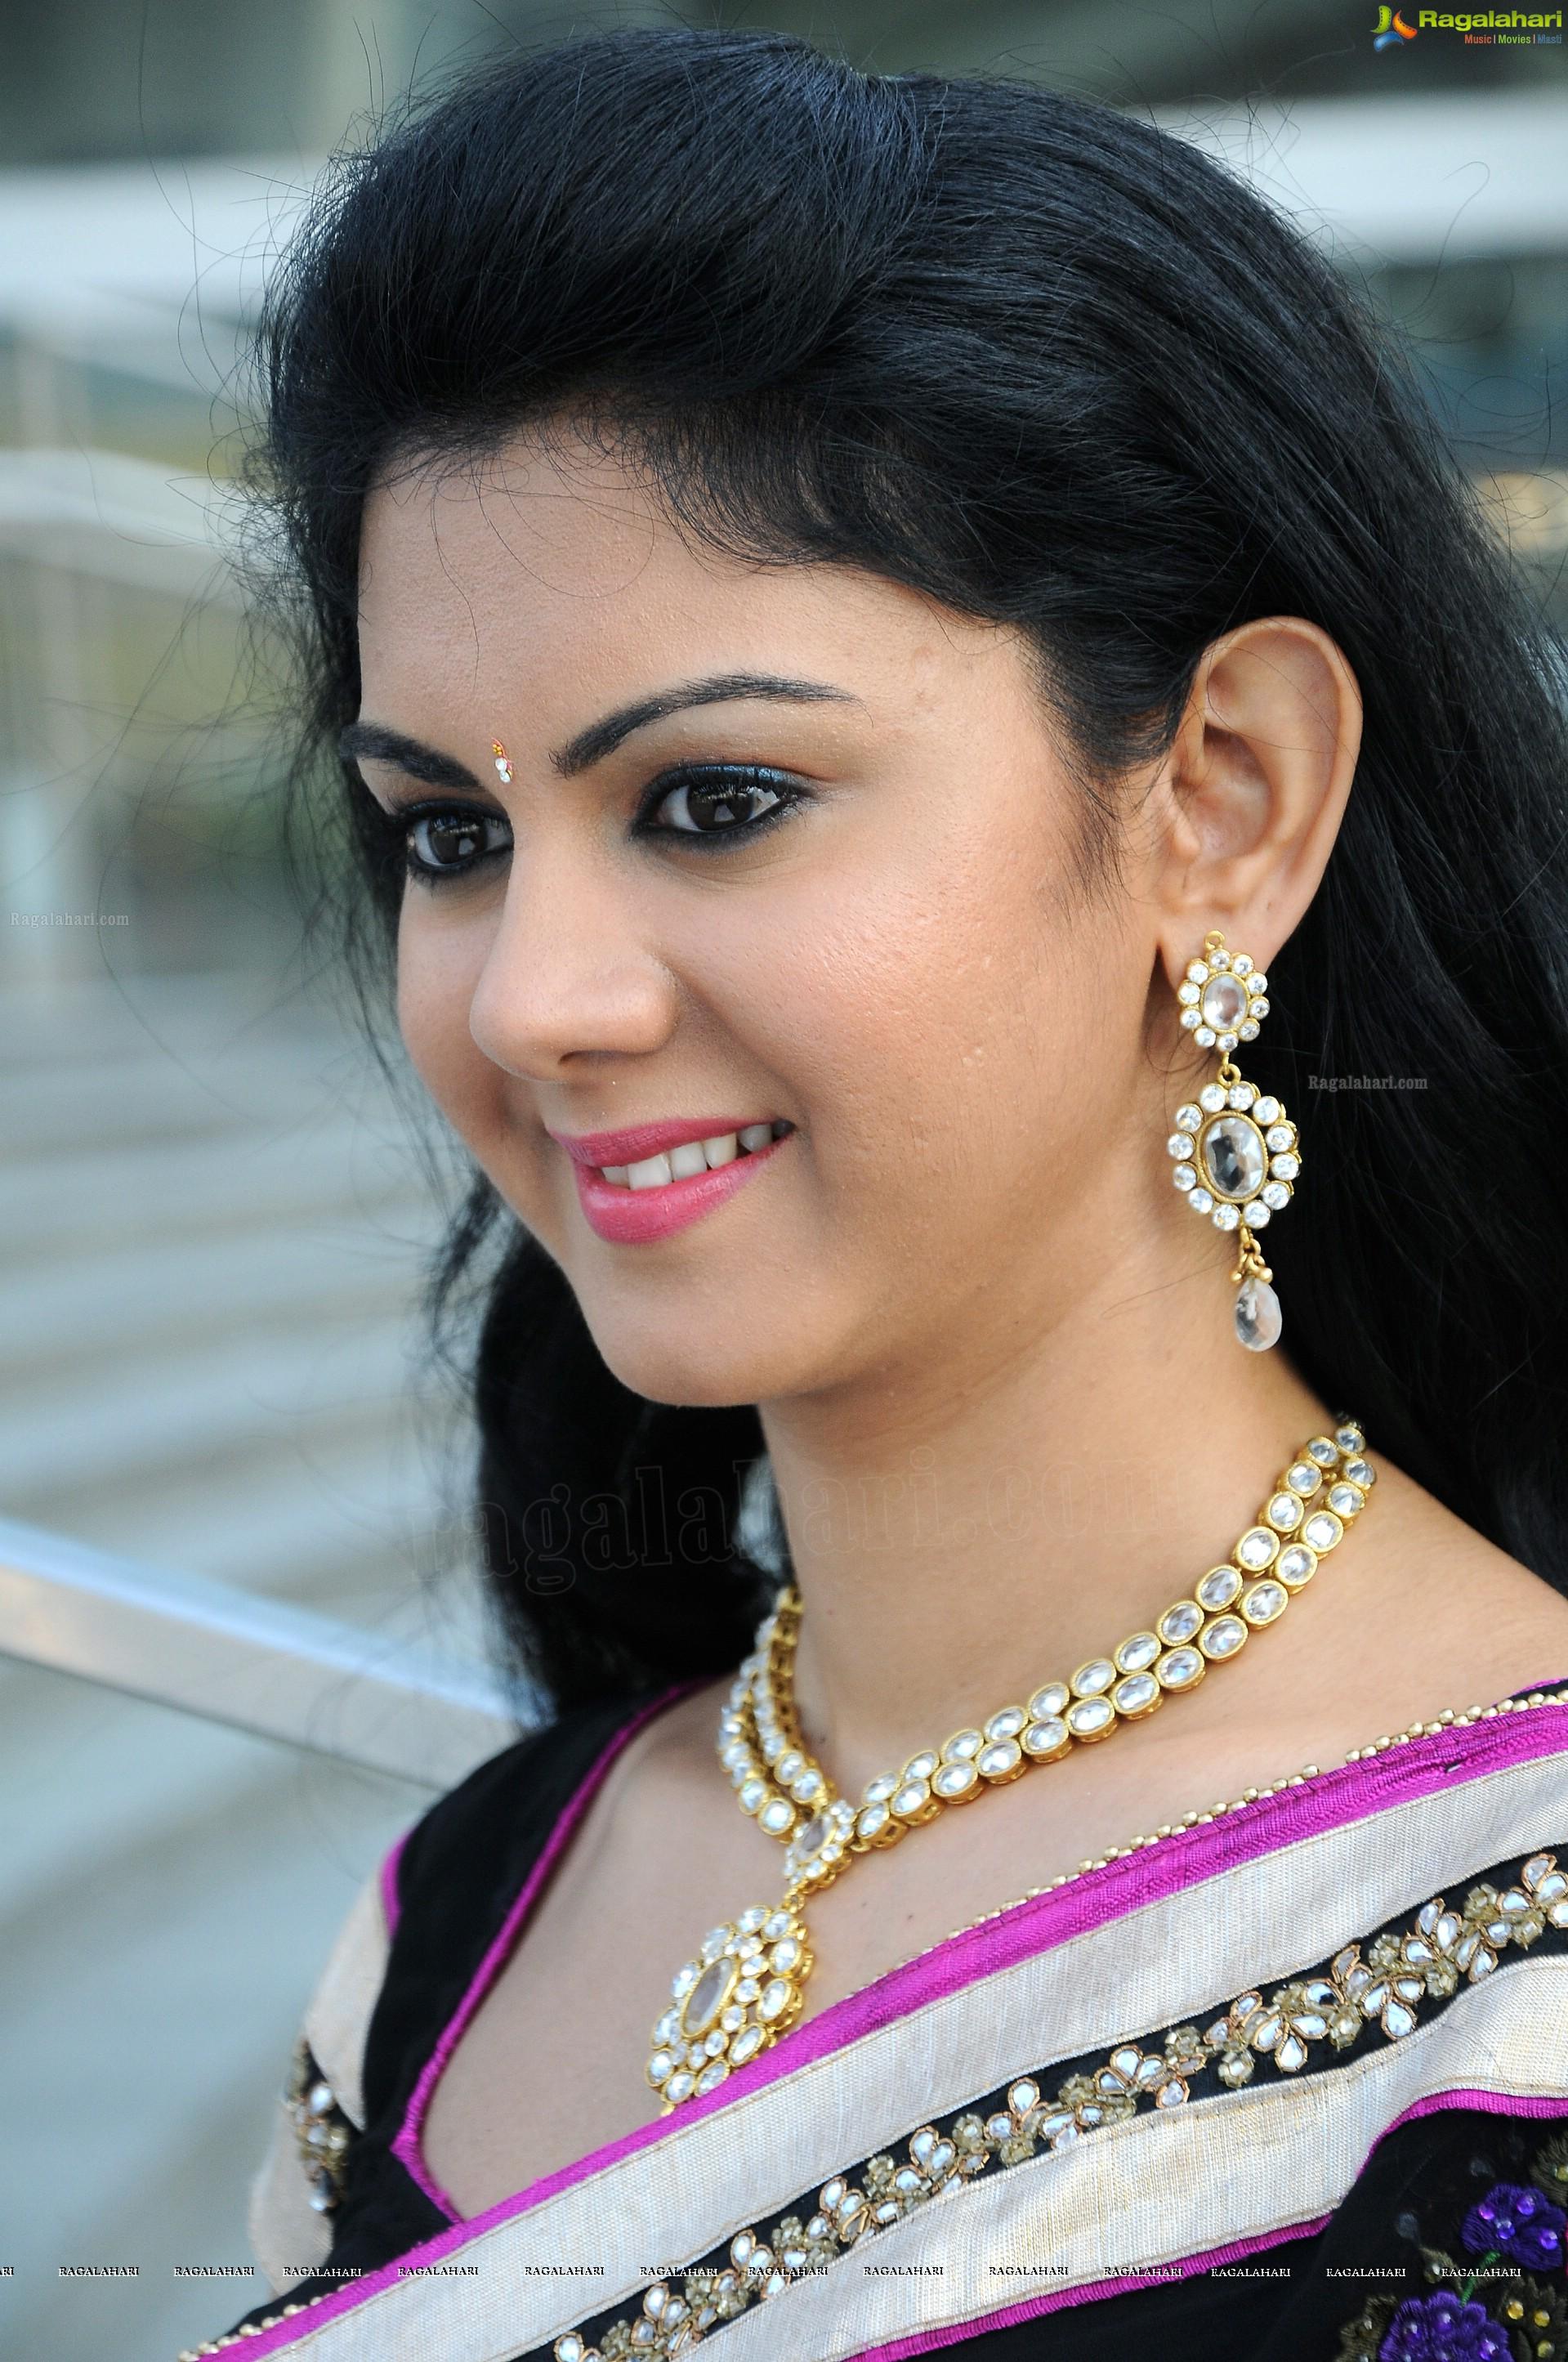 nude tamil girls photos